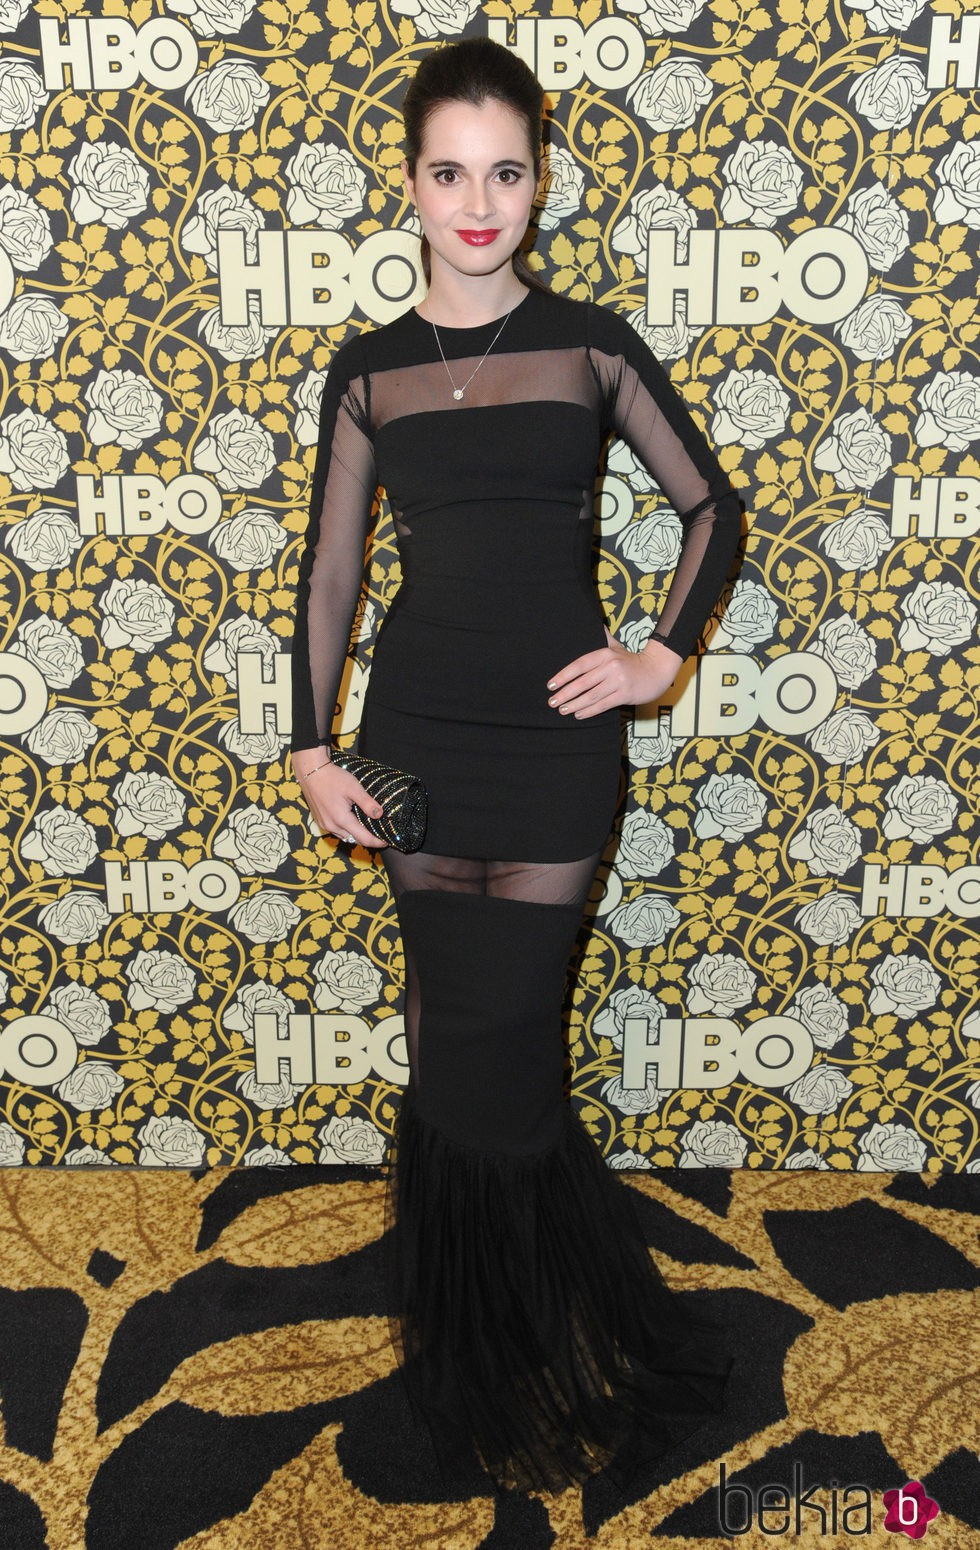 Vanessa Marano en la fiesta de HBO tras la entrega de los Globos de Oro 2016